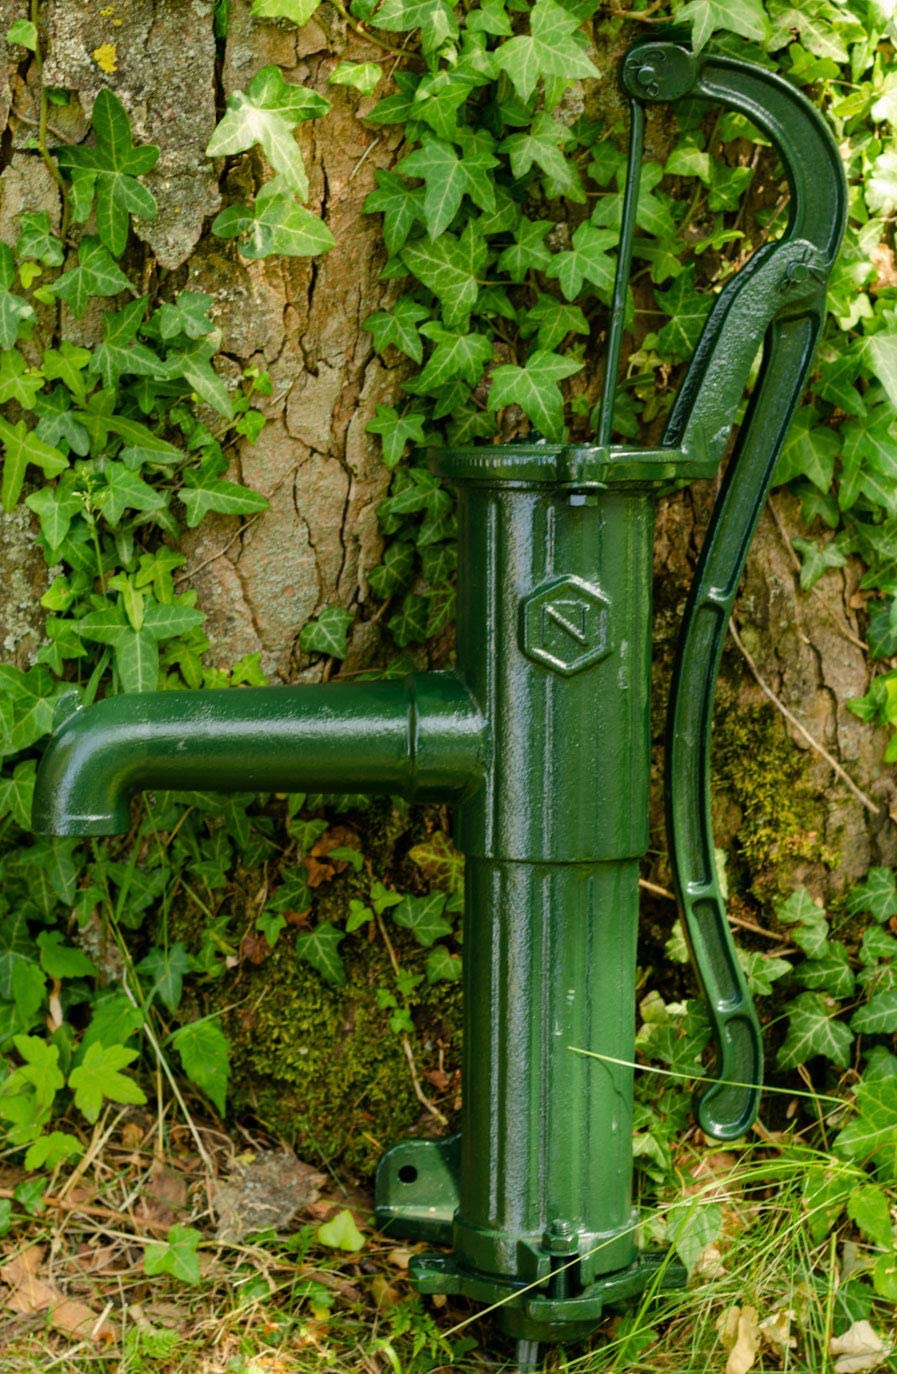 Pompa girevole da giardino girevole a mano dell/'acqua en stile antico